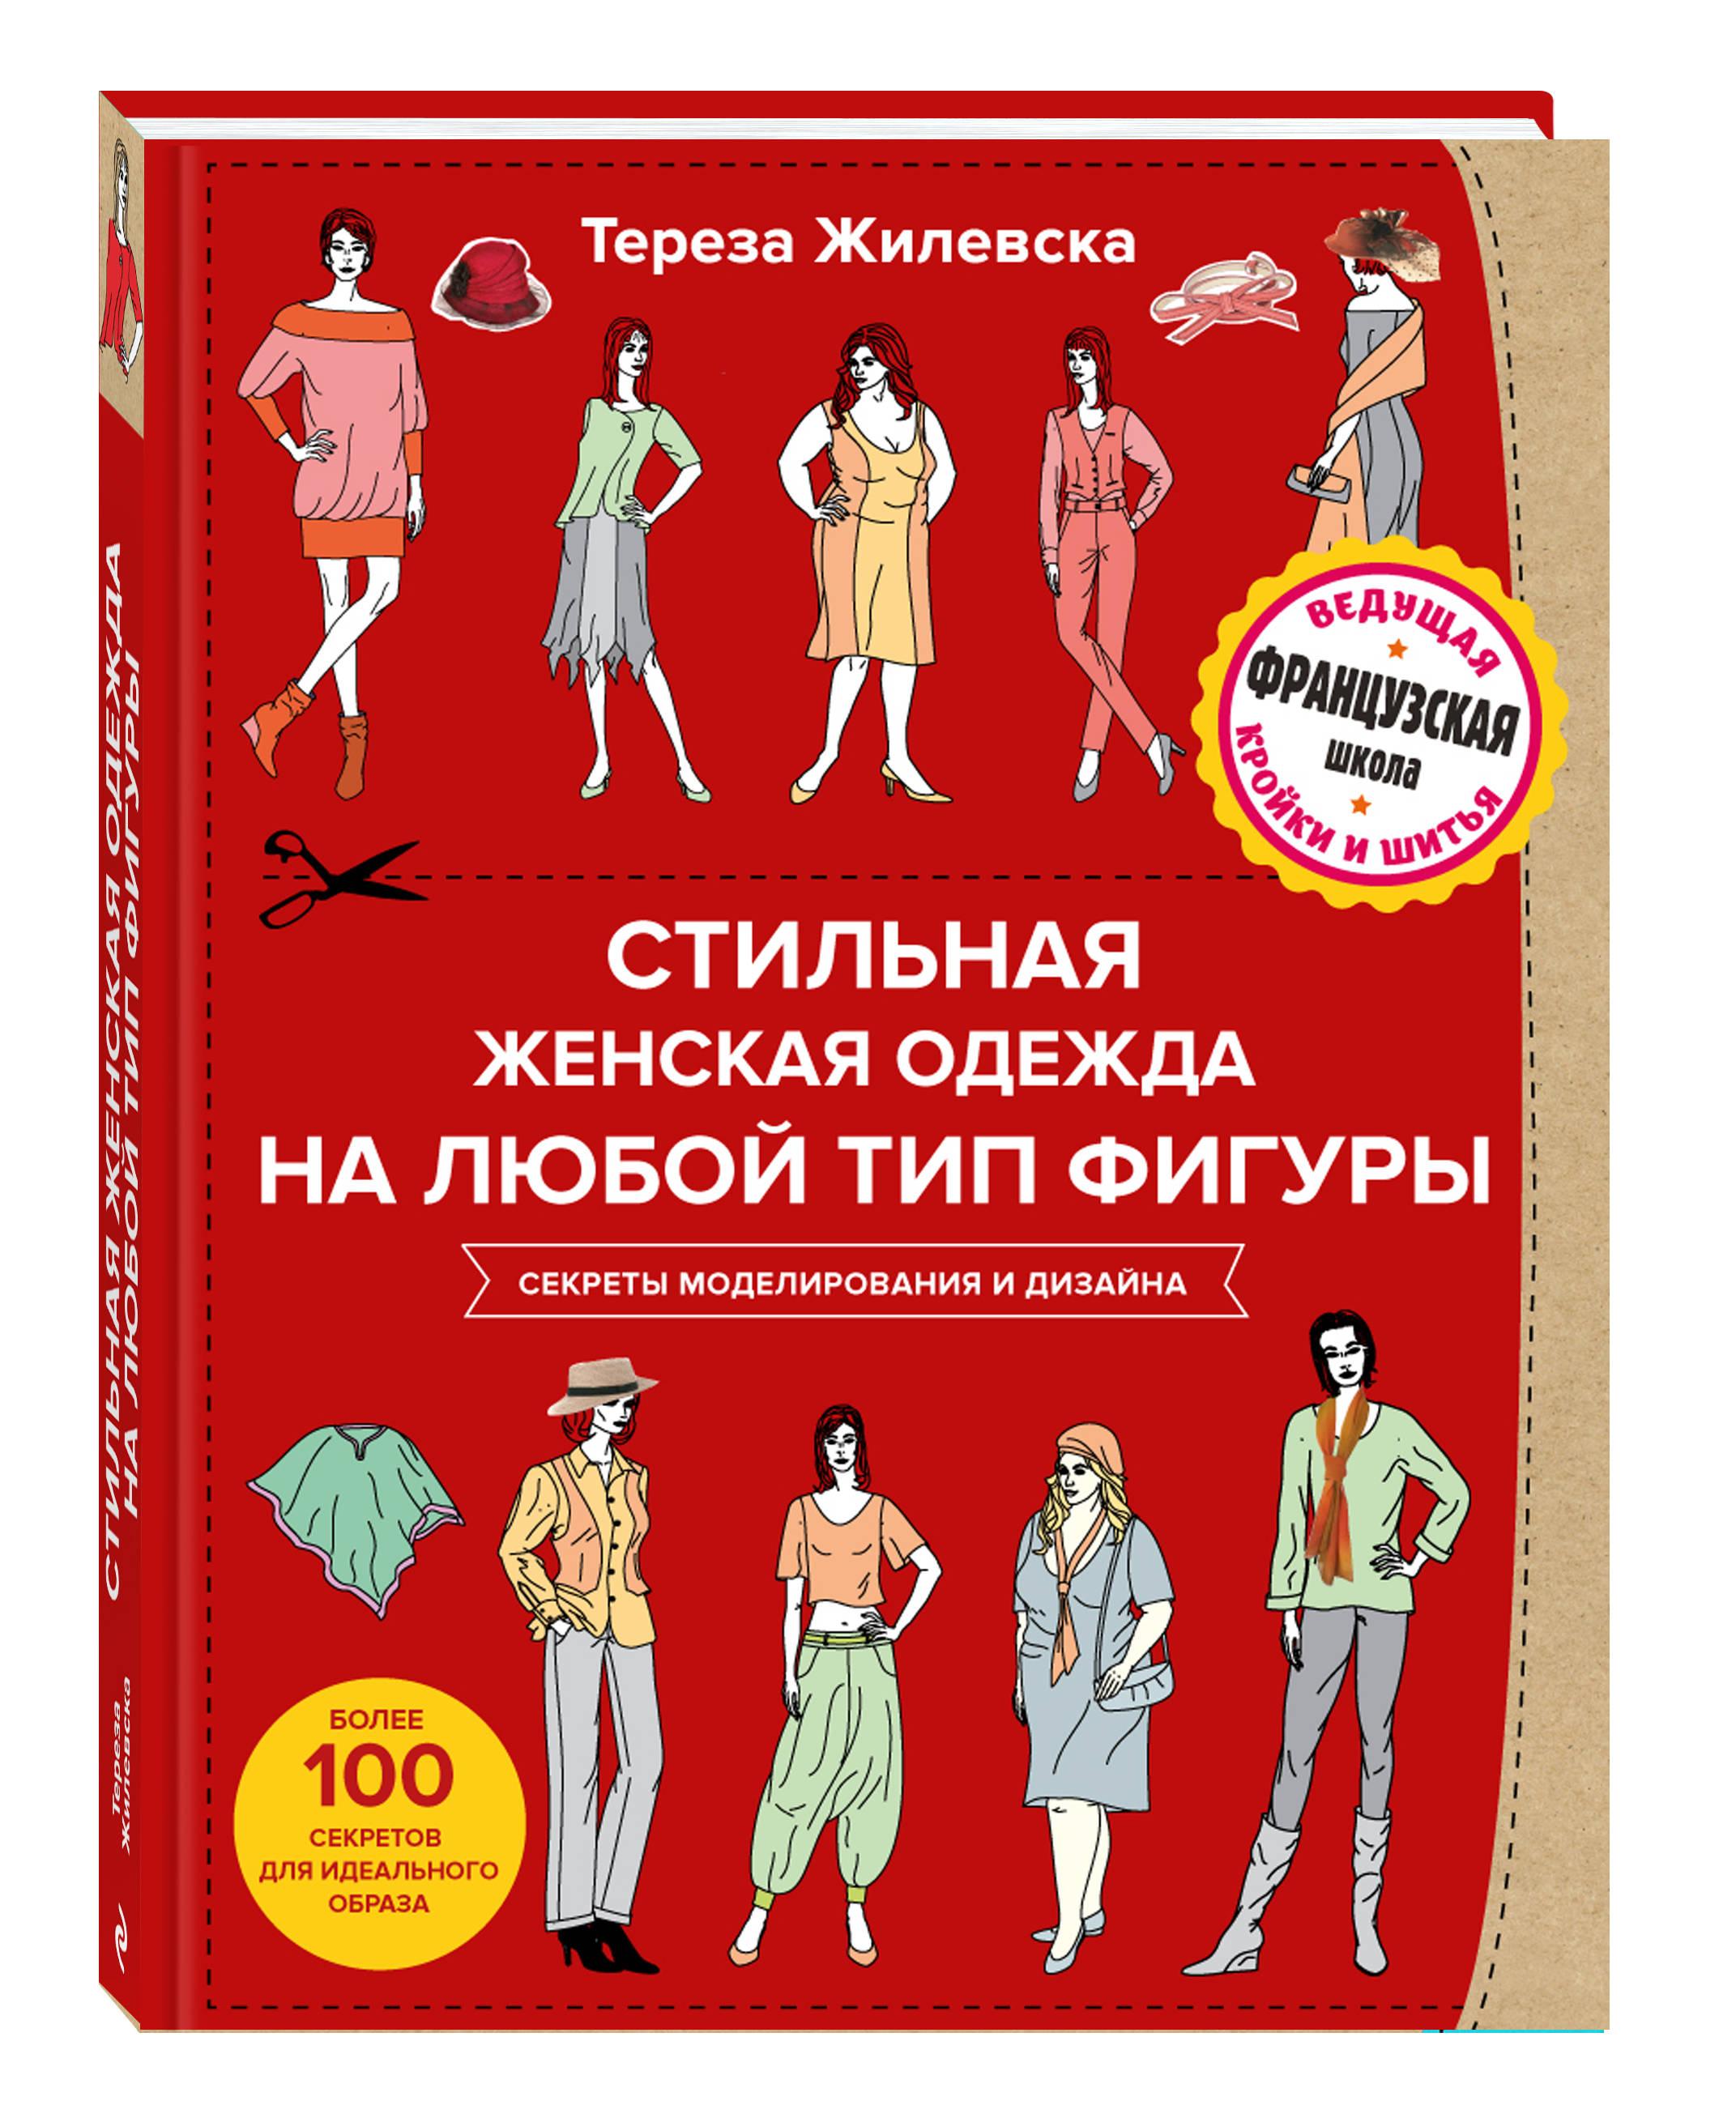 Жилевска Т. Стильная женская одежда на любой тип фигуры. Секреты моделирования и дизайна